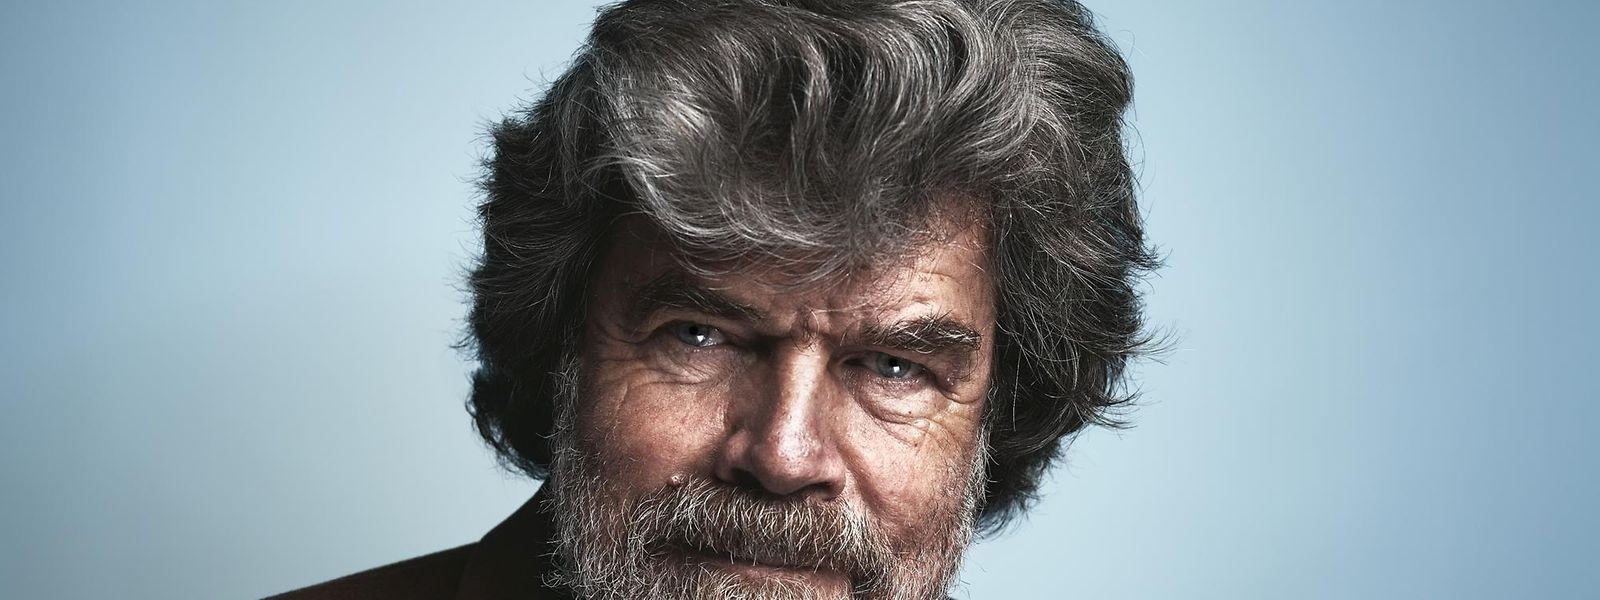 Reinhold Messner feierte im vergangenen Jahr seinen 70. Geburtstag.